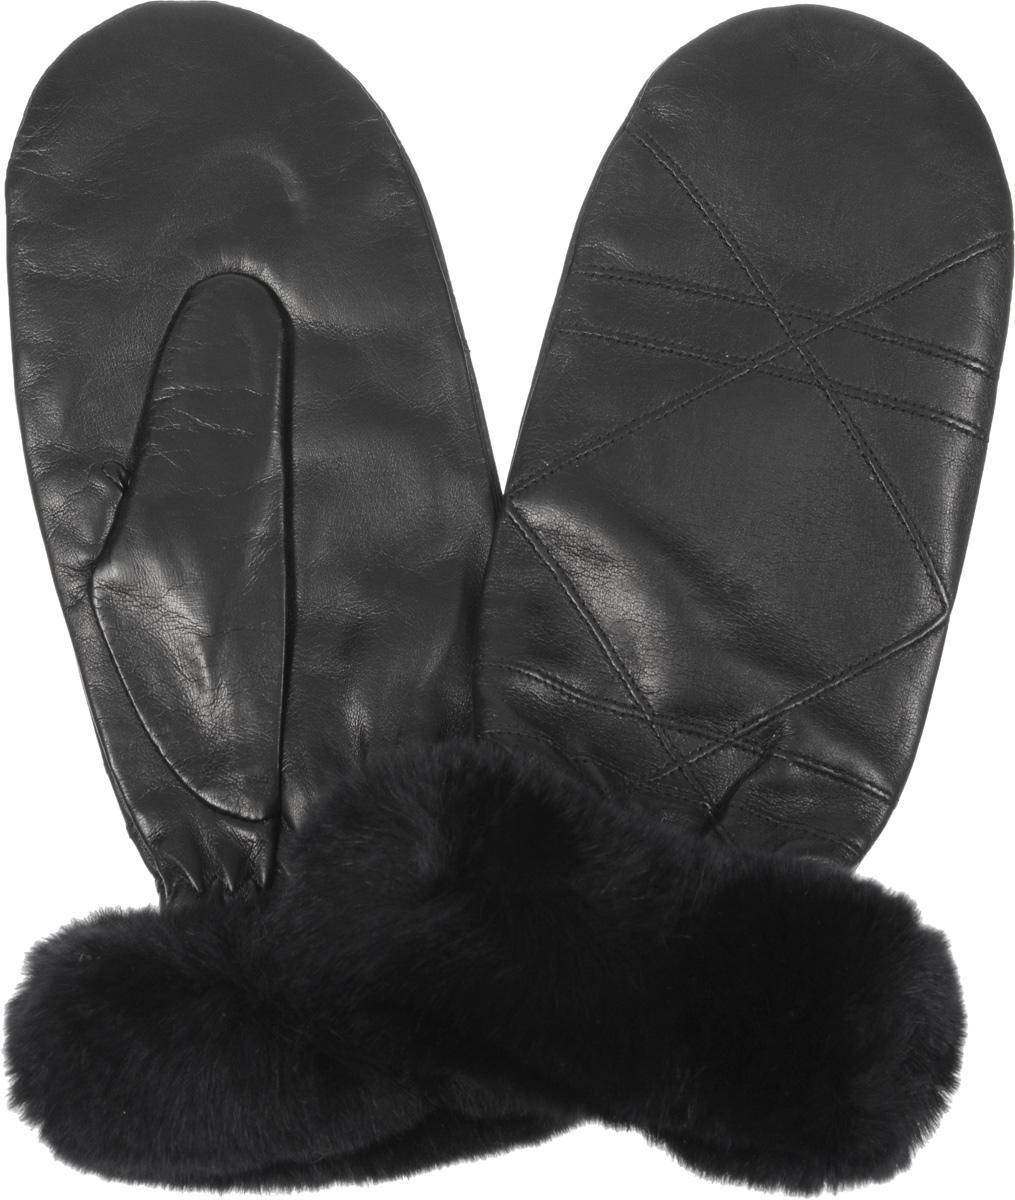 Варежки9.65-1Стильные женские варежки Fabretti не только защитят ваши руки от холода, но и прекрасно дополнят ваш модный образ. Модель выполнена из натуральной эфиопской кожи ягненка на подкладке из шерсти с добавлением кашемира. Модель украшена оригинальной прострочкой и меховой опушкой из натурального меха. Варежки Fabretti станут завершающим и подчеркивающим элементом вашего стиля и неповторимости.